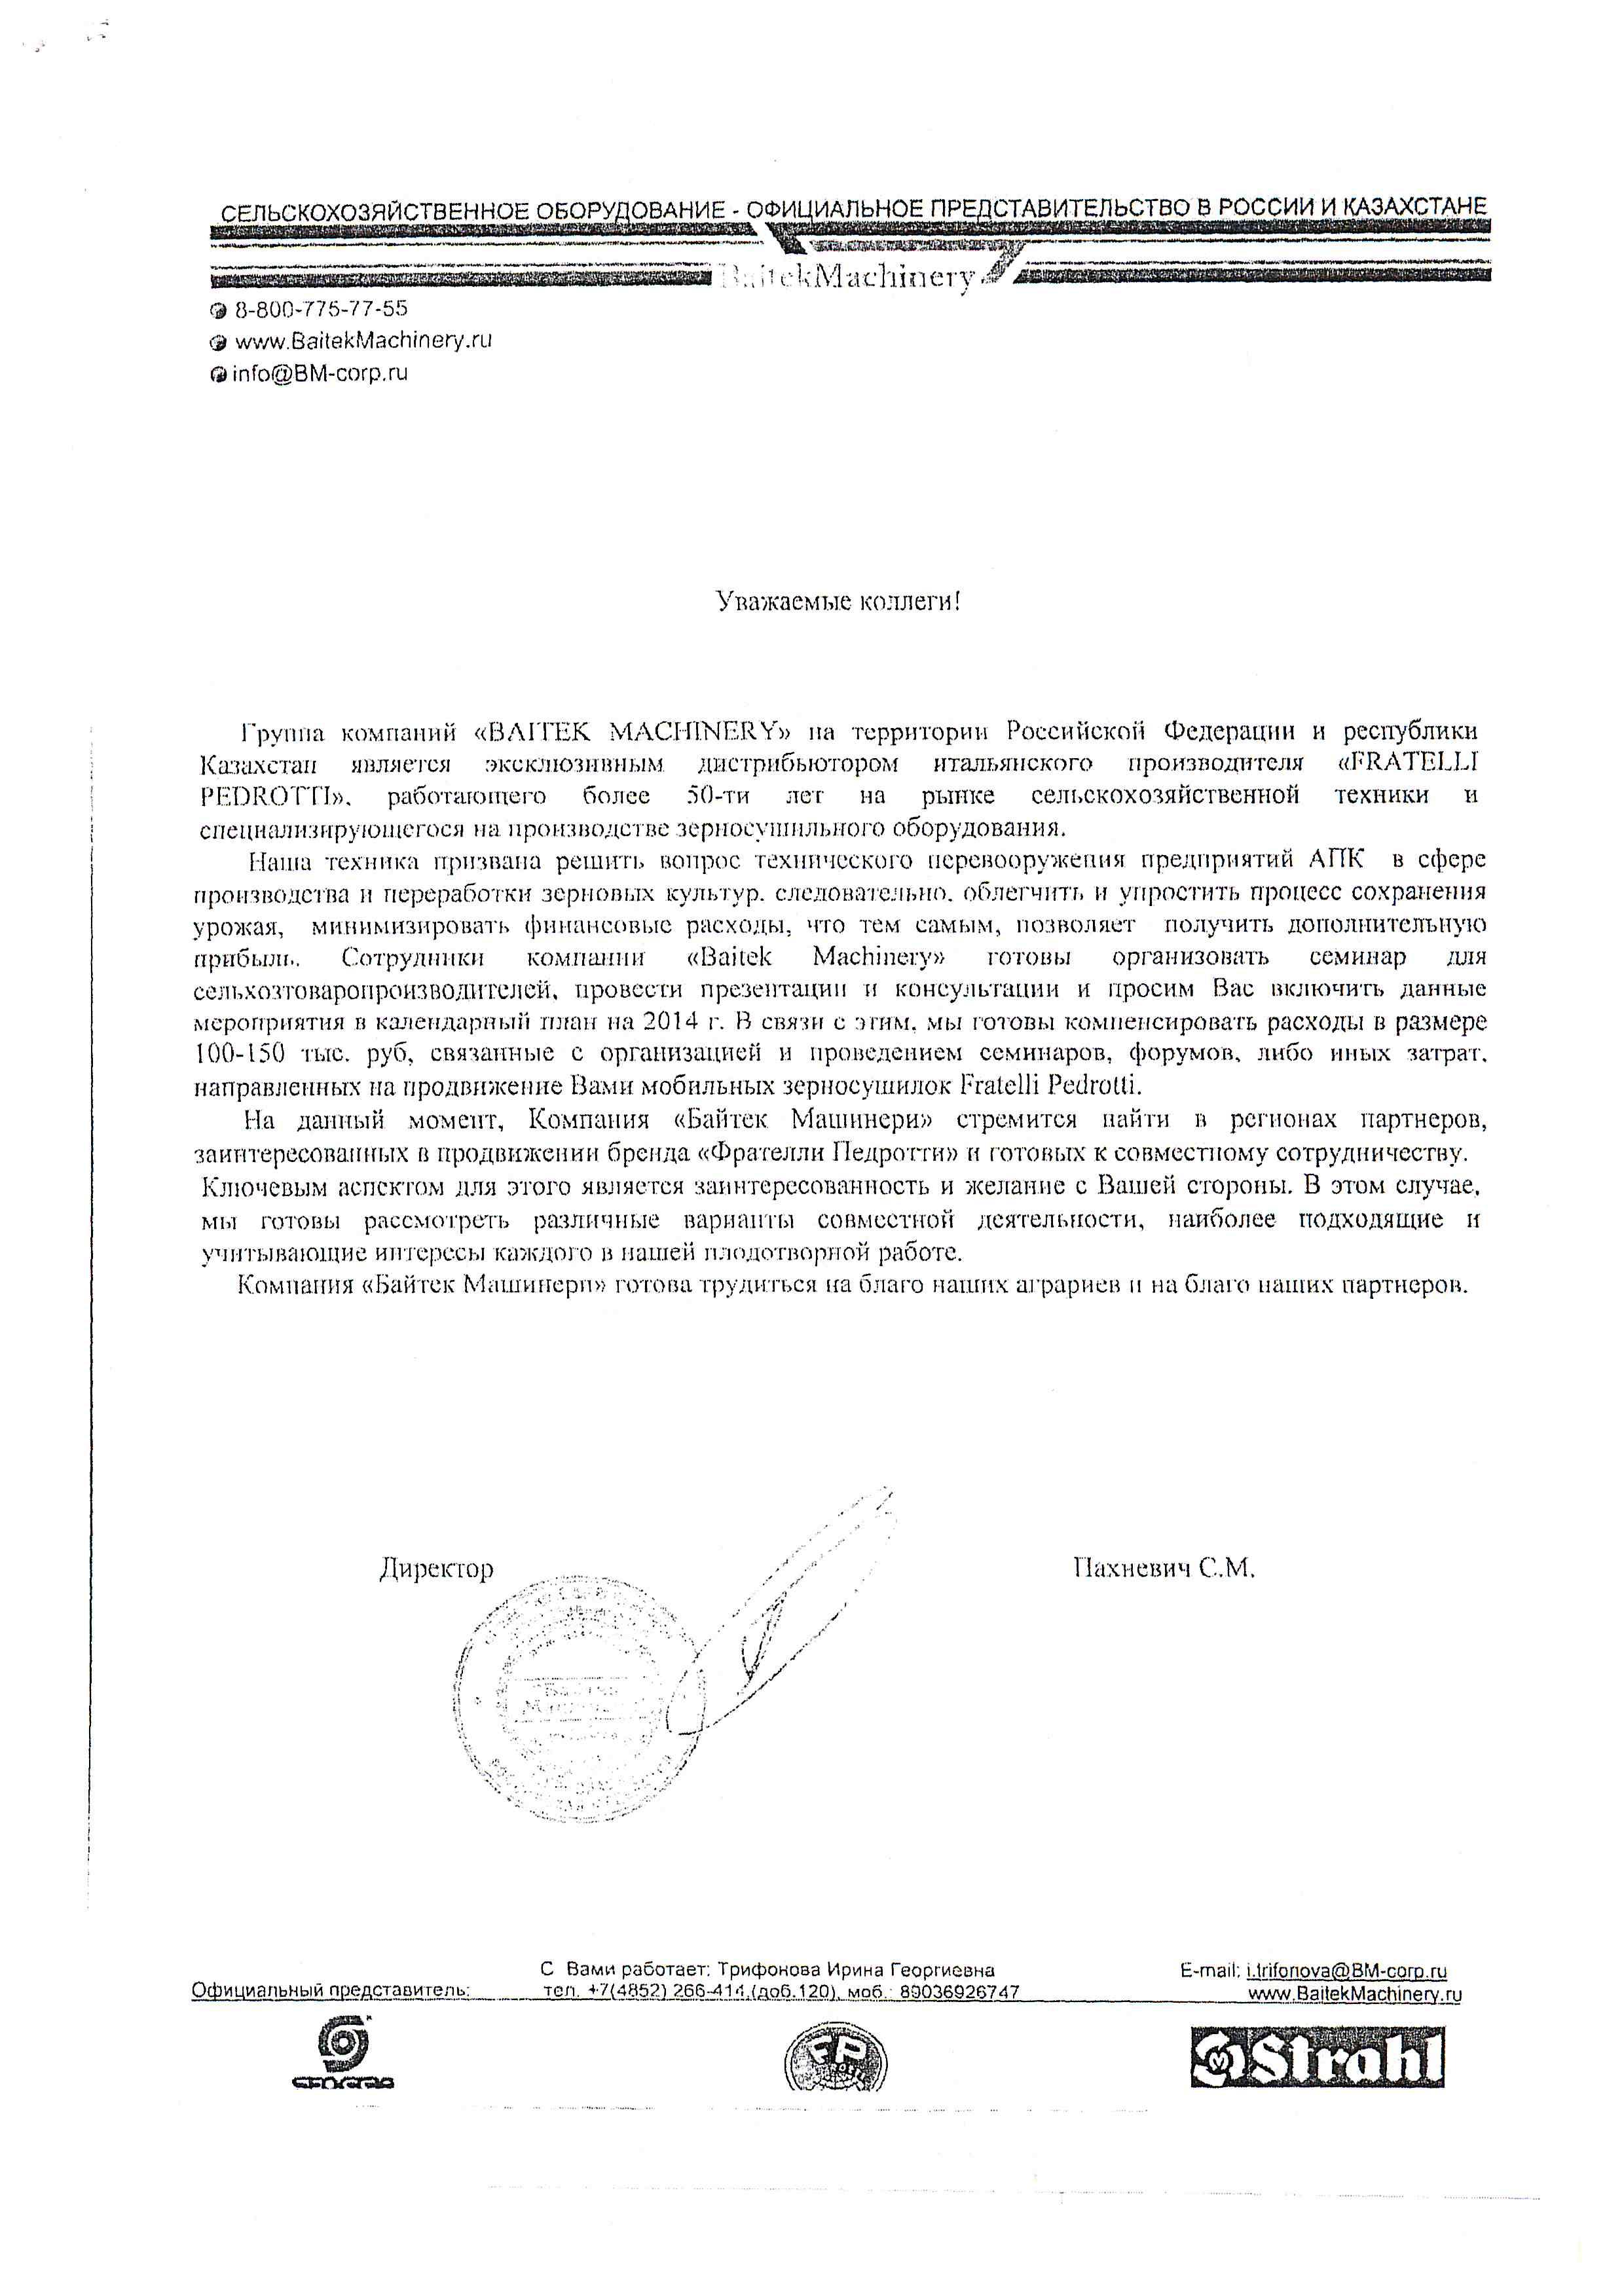 ДИМИ ГРУПП- Крупнейший дистрибьютор Konica Minolta